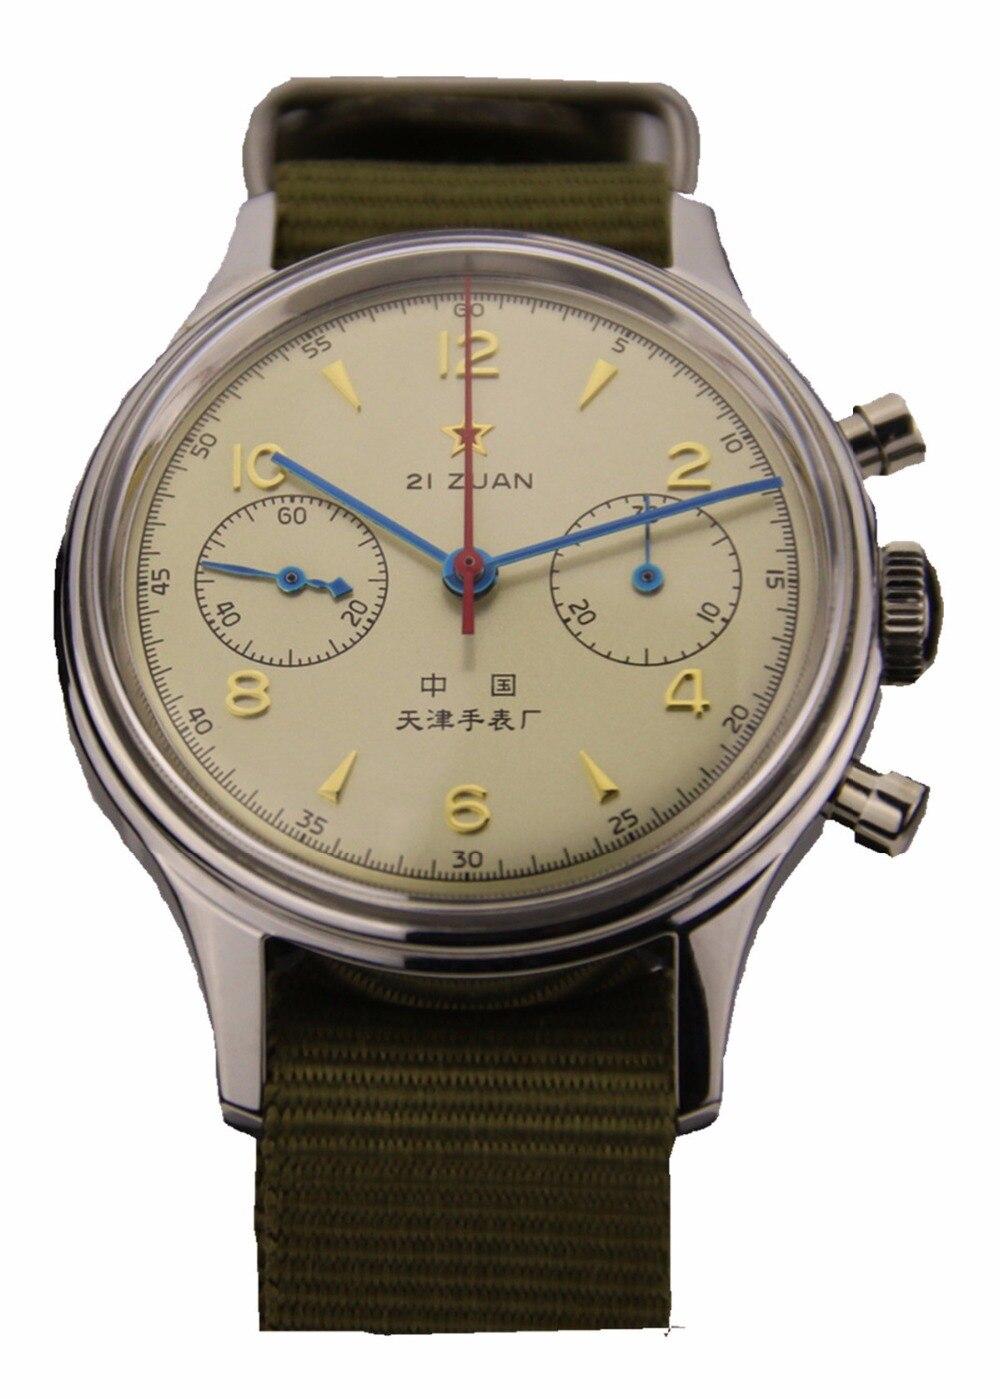 Gaivota genuíno Chronograph Mens relógio de Pulso Reedição 304 St1901 1963 Flieger Piloto Oficial Velho vertion Não limitado